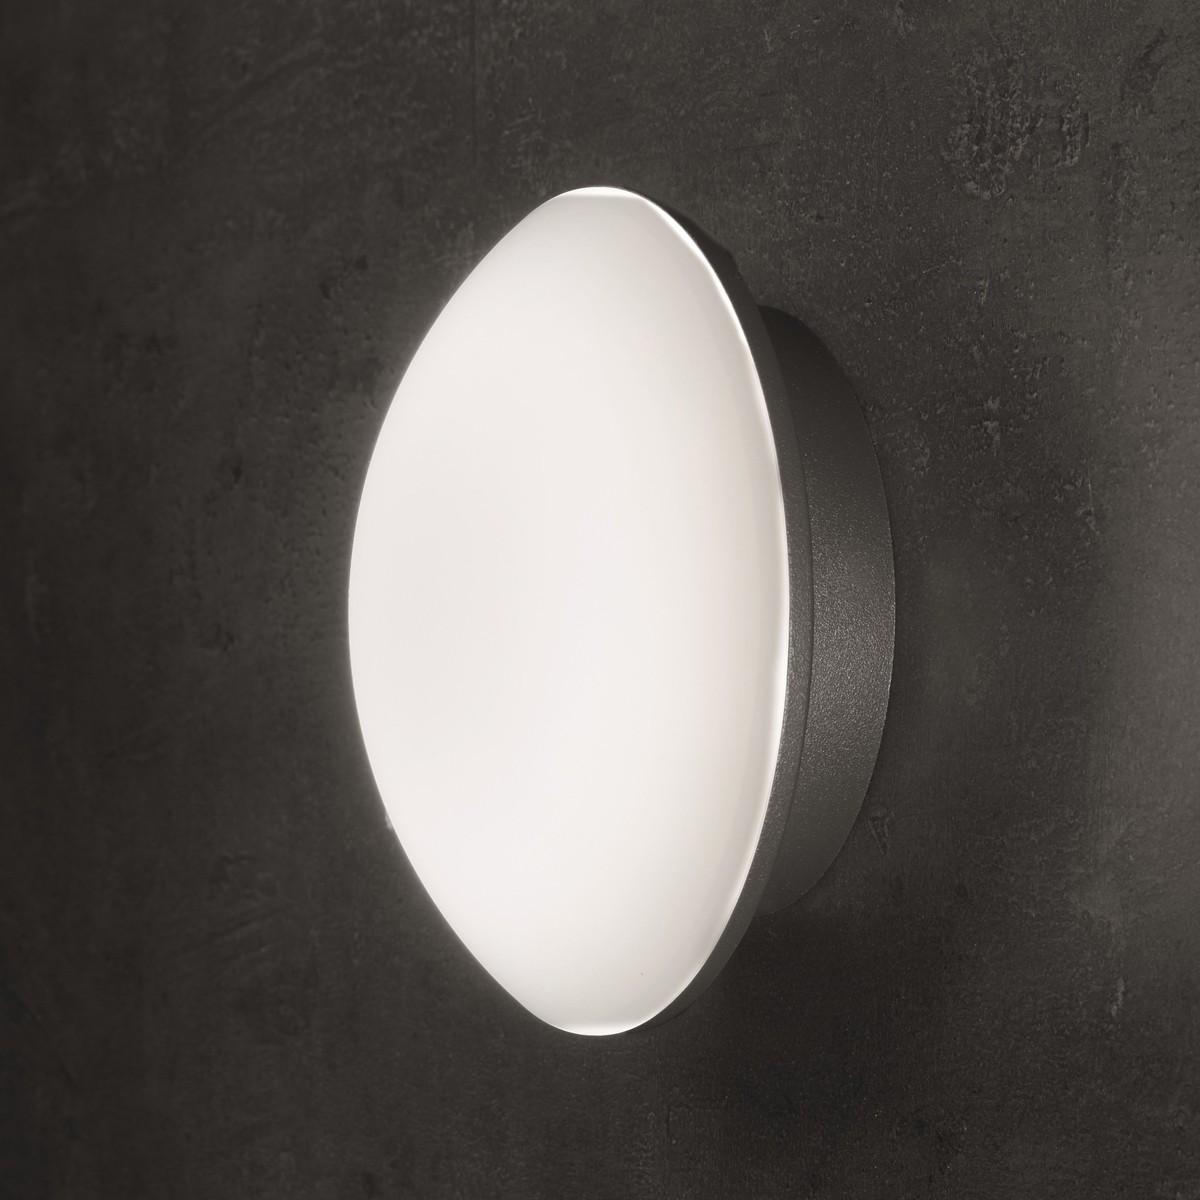 Lupia Licht Mini Außenwandleuchte, anthrazit